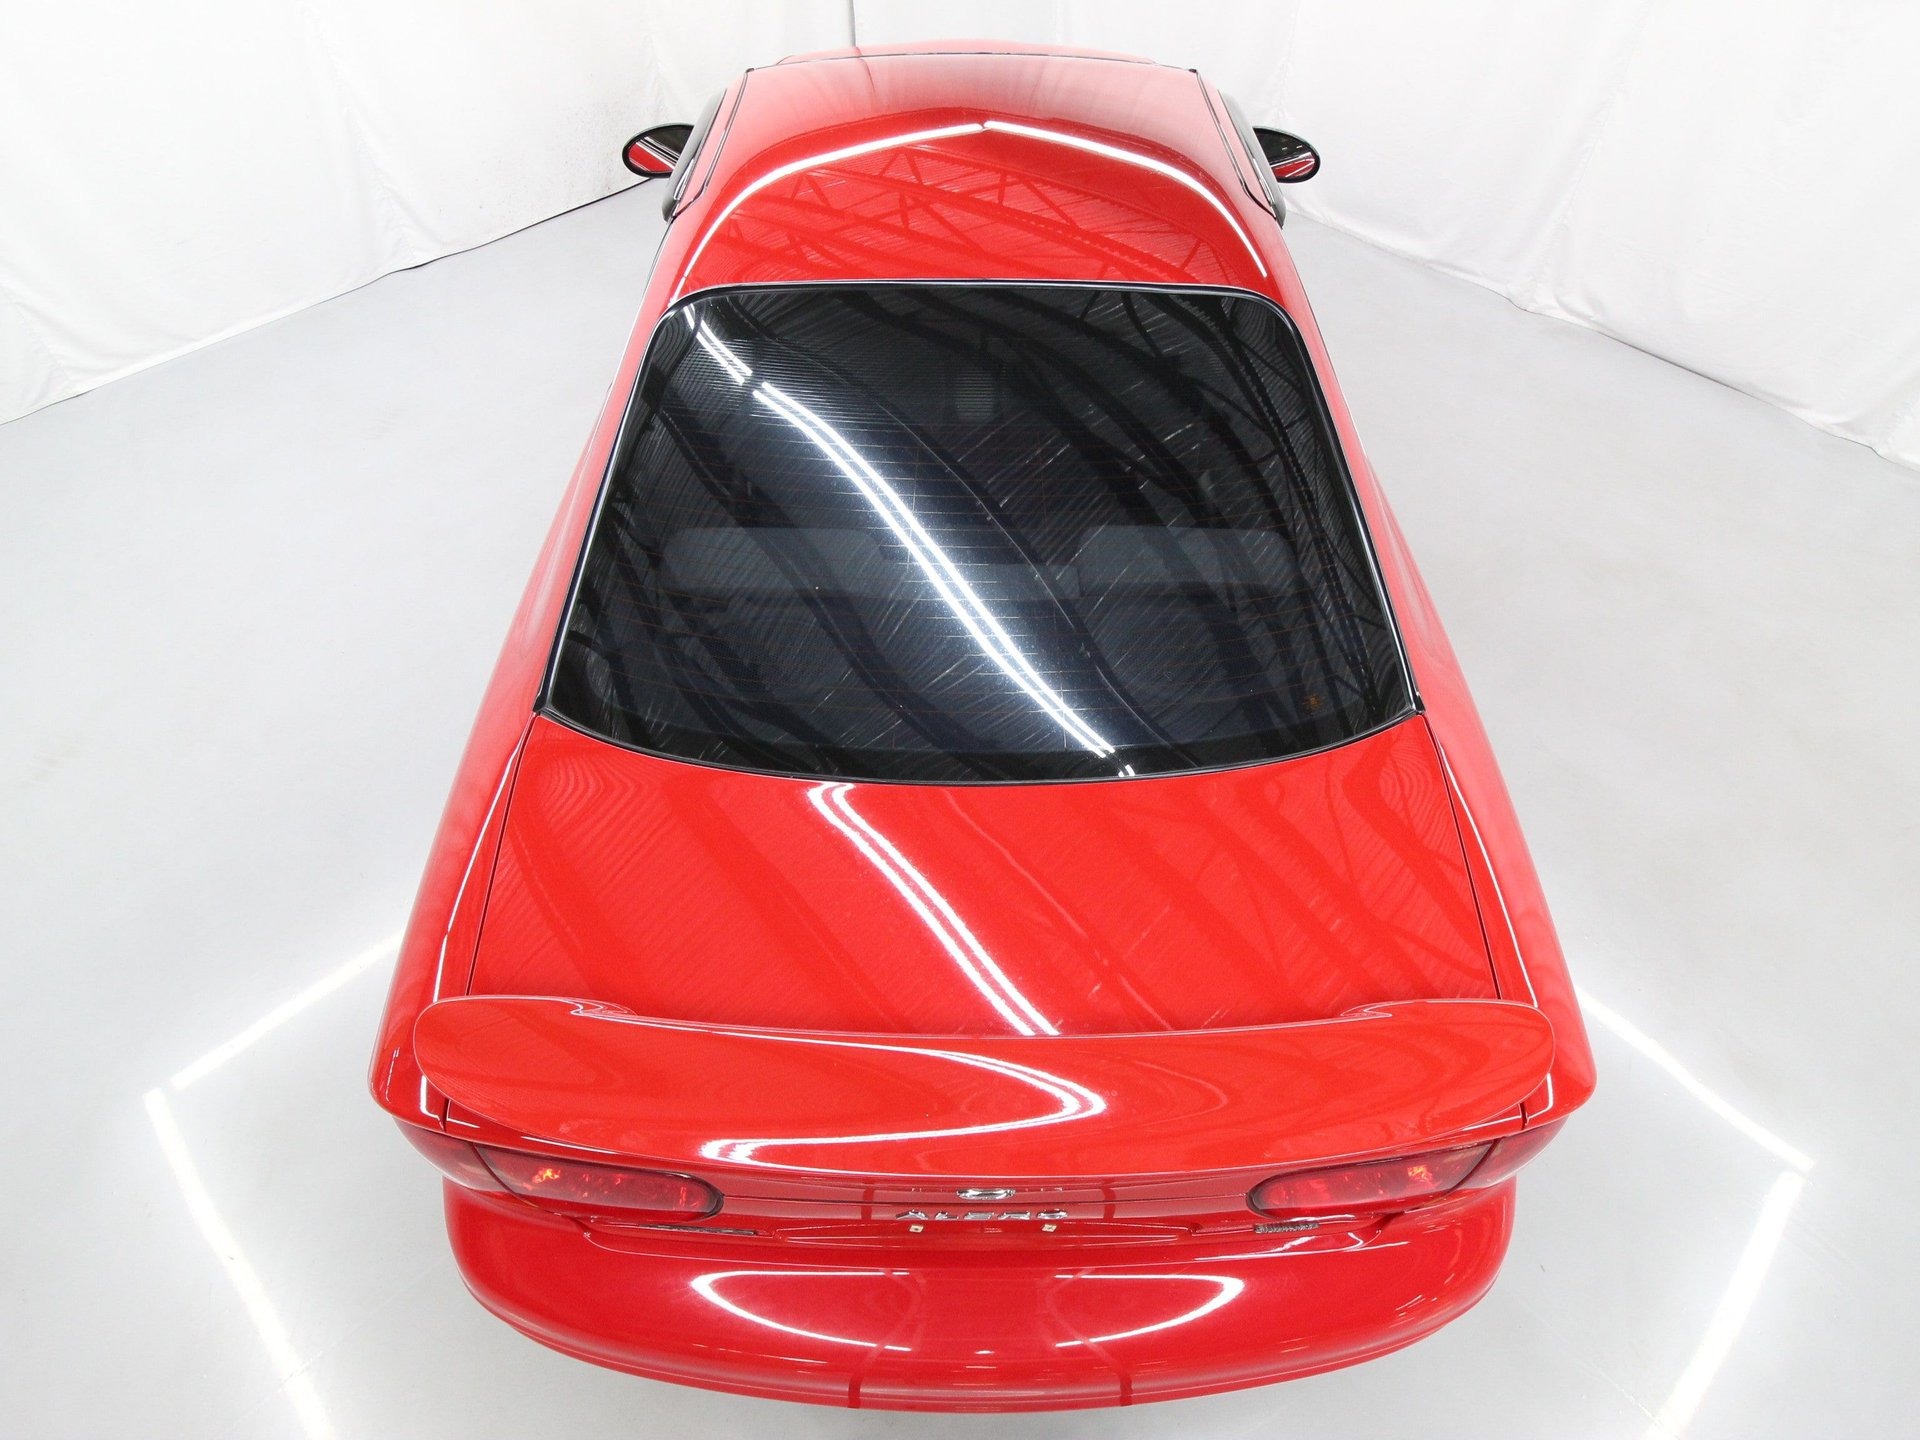 2000 Oldsmobile Alero